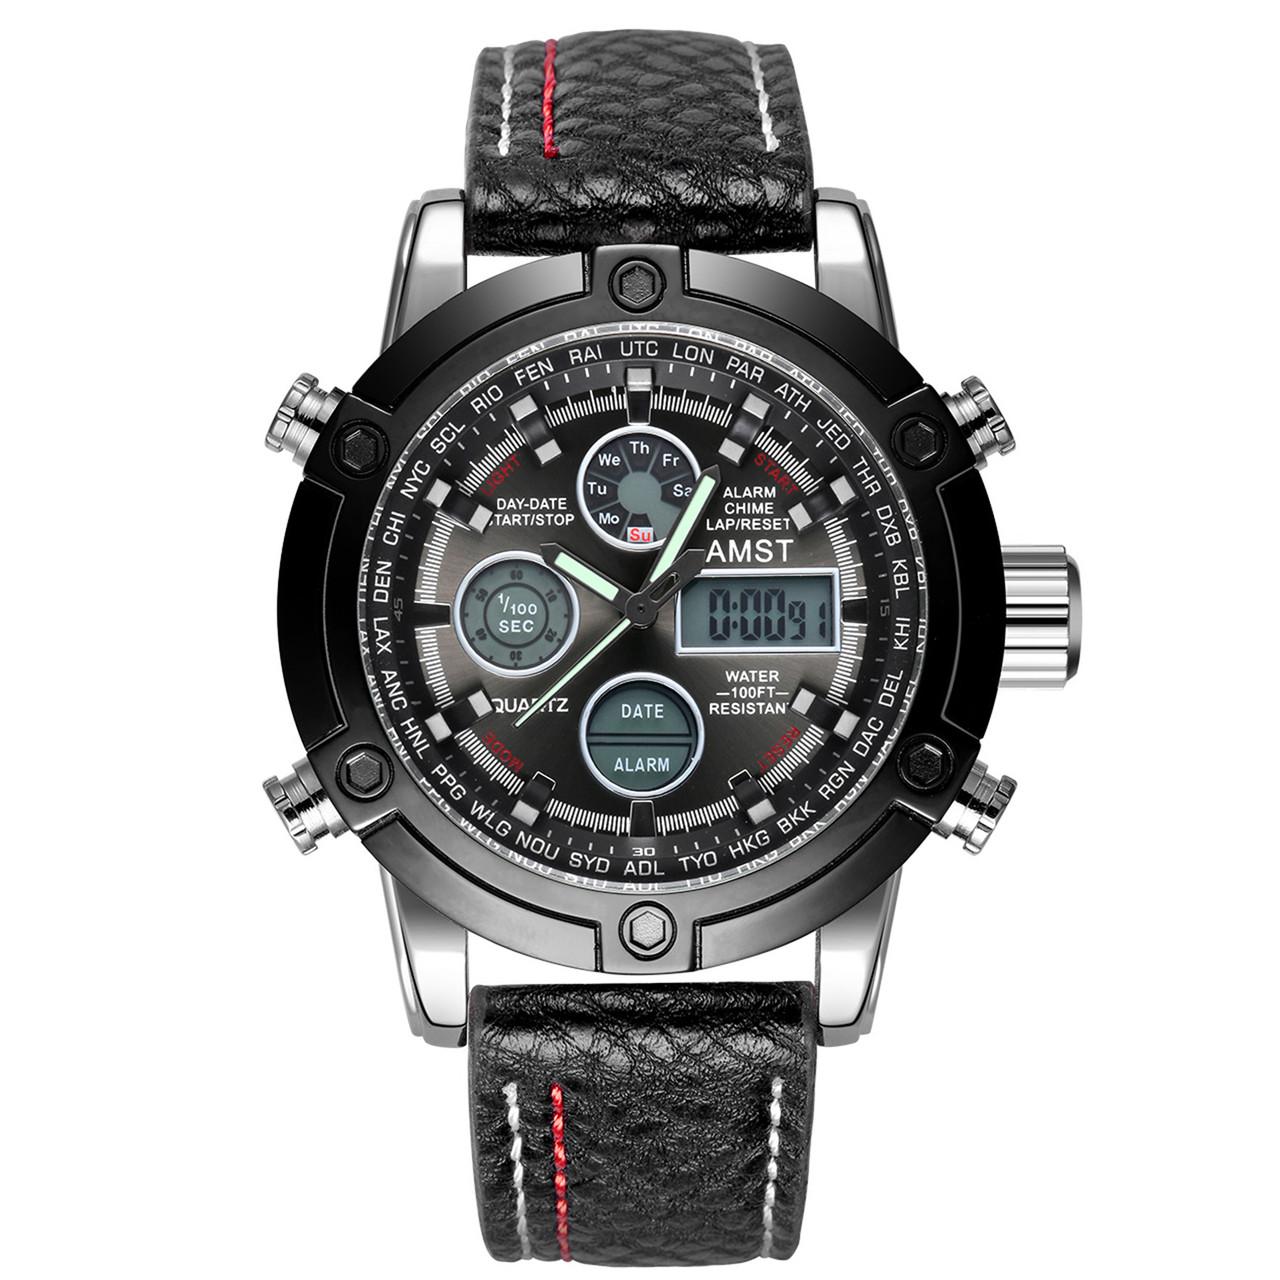 Мужские наручные часы AMST 3022 Fluted Wristband Silver-Black 2